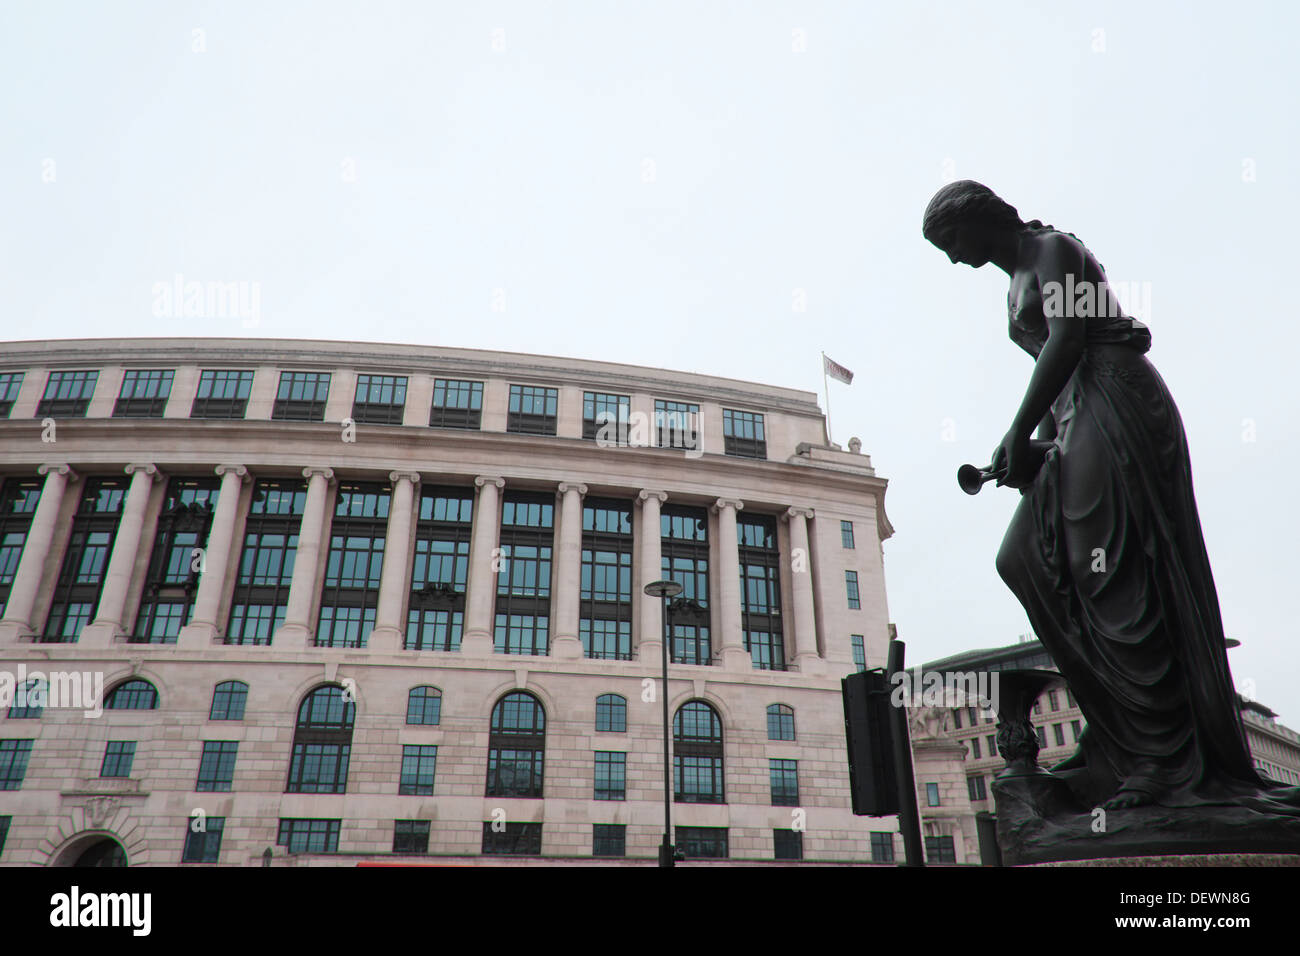 Unilever Building Stock Photo